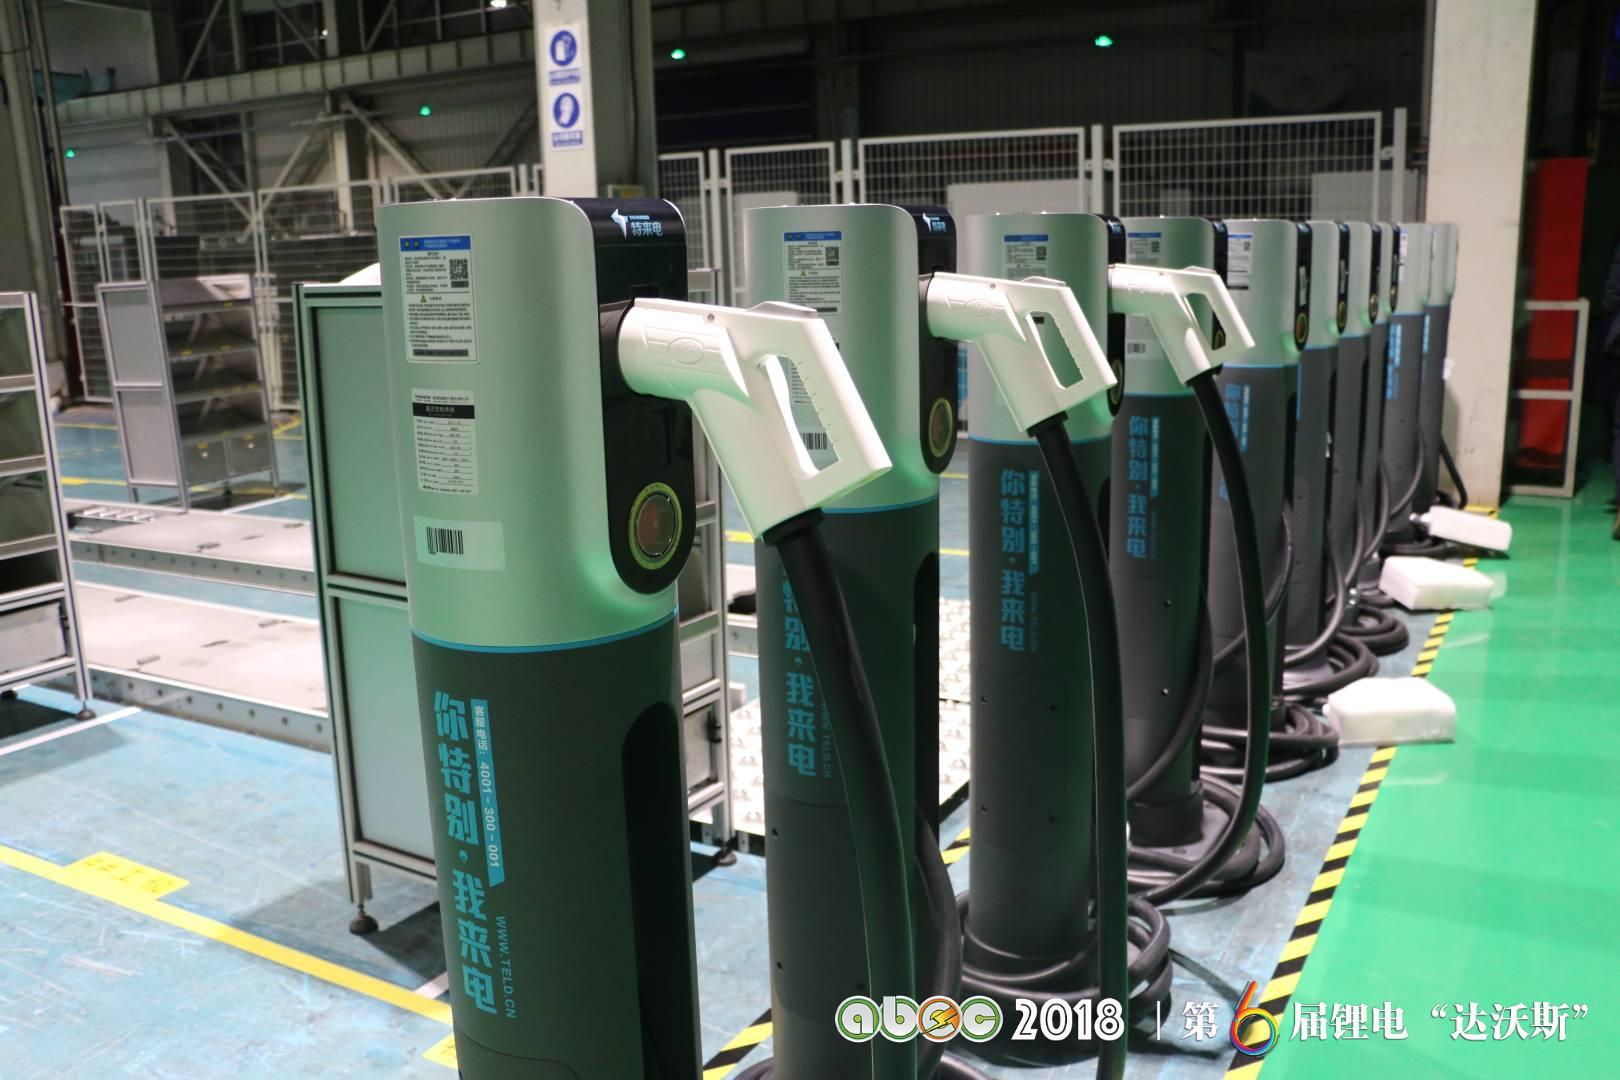 青岛特锐德电气股份有限公司&特来电新能源有限公司